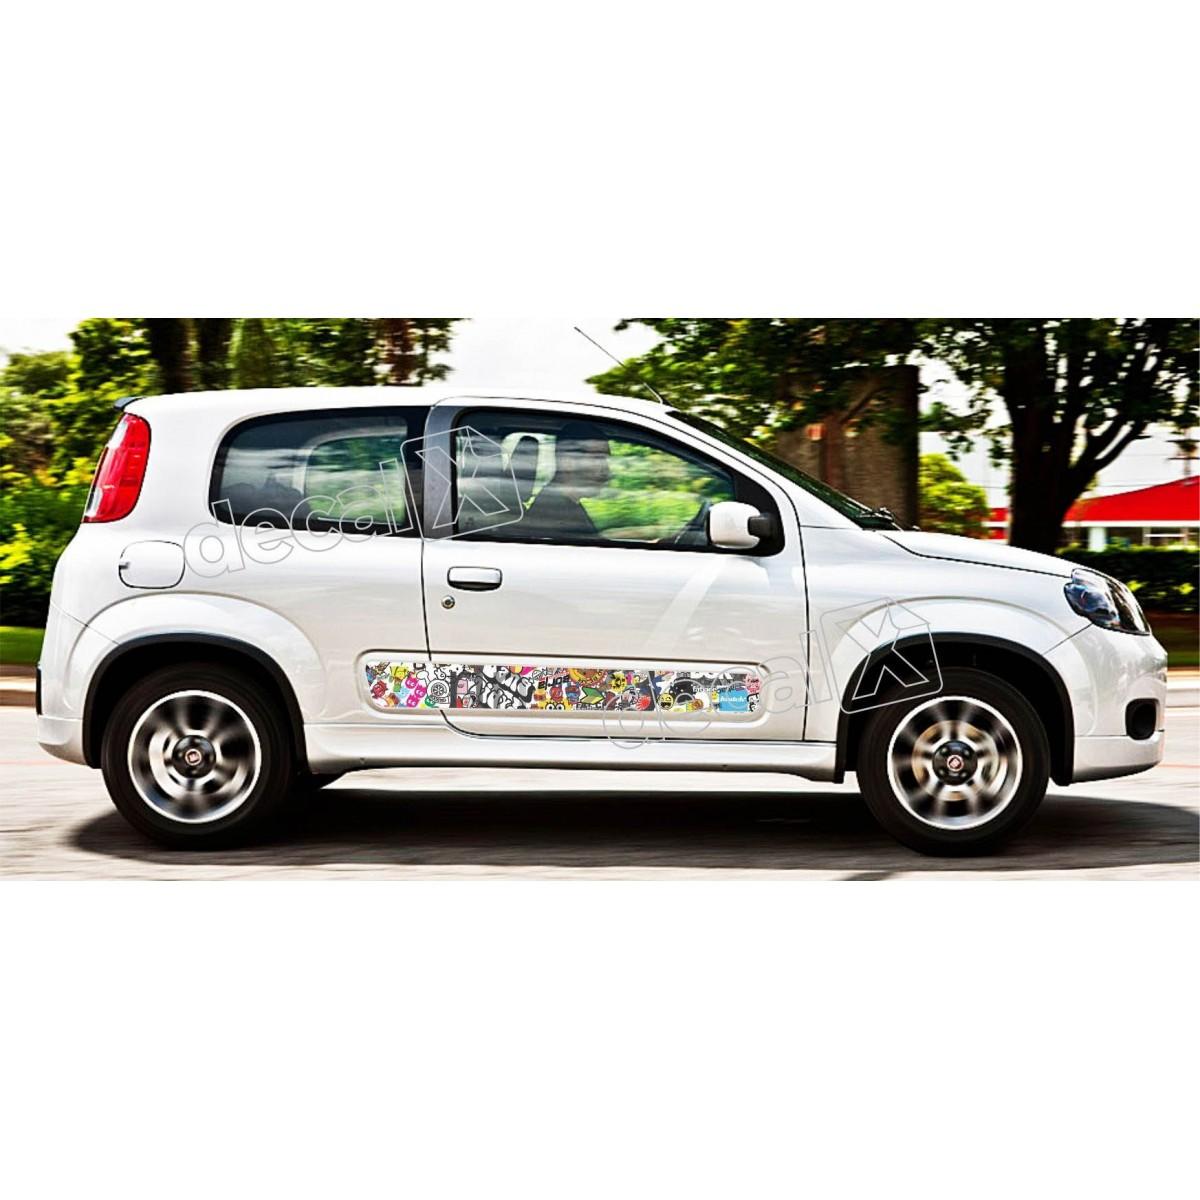 Adesivo Faixa Lateral Fiat Uno Personalizado Unoa1